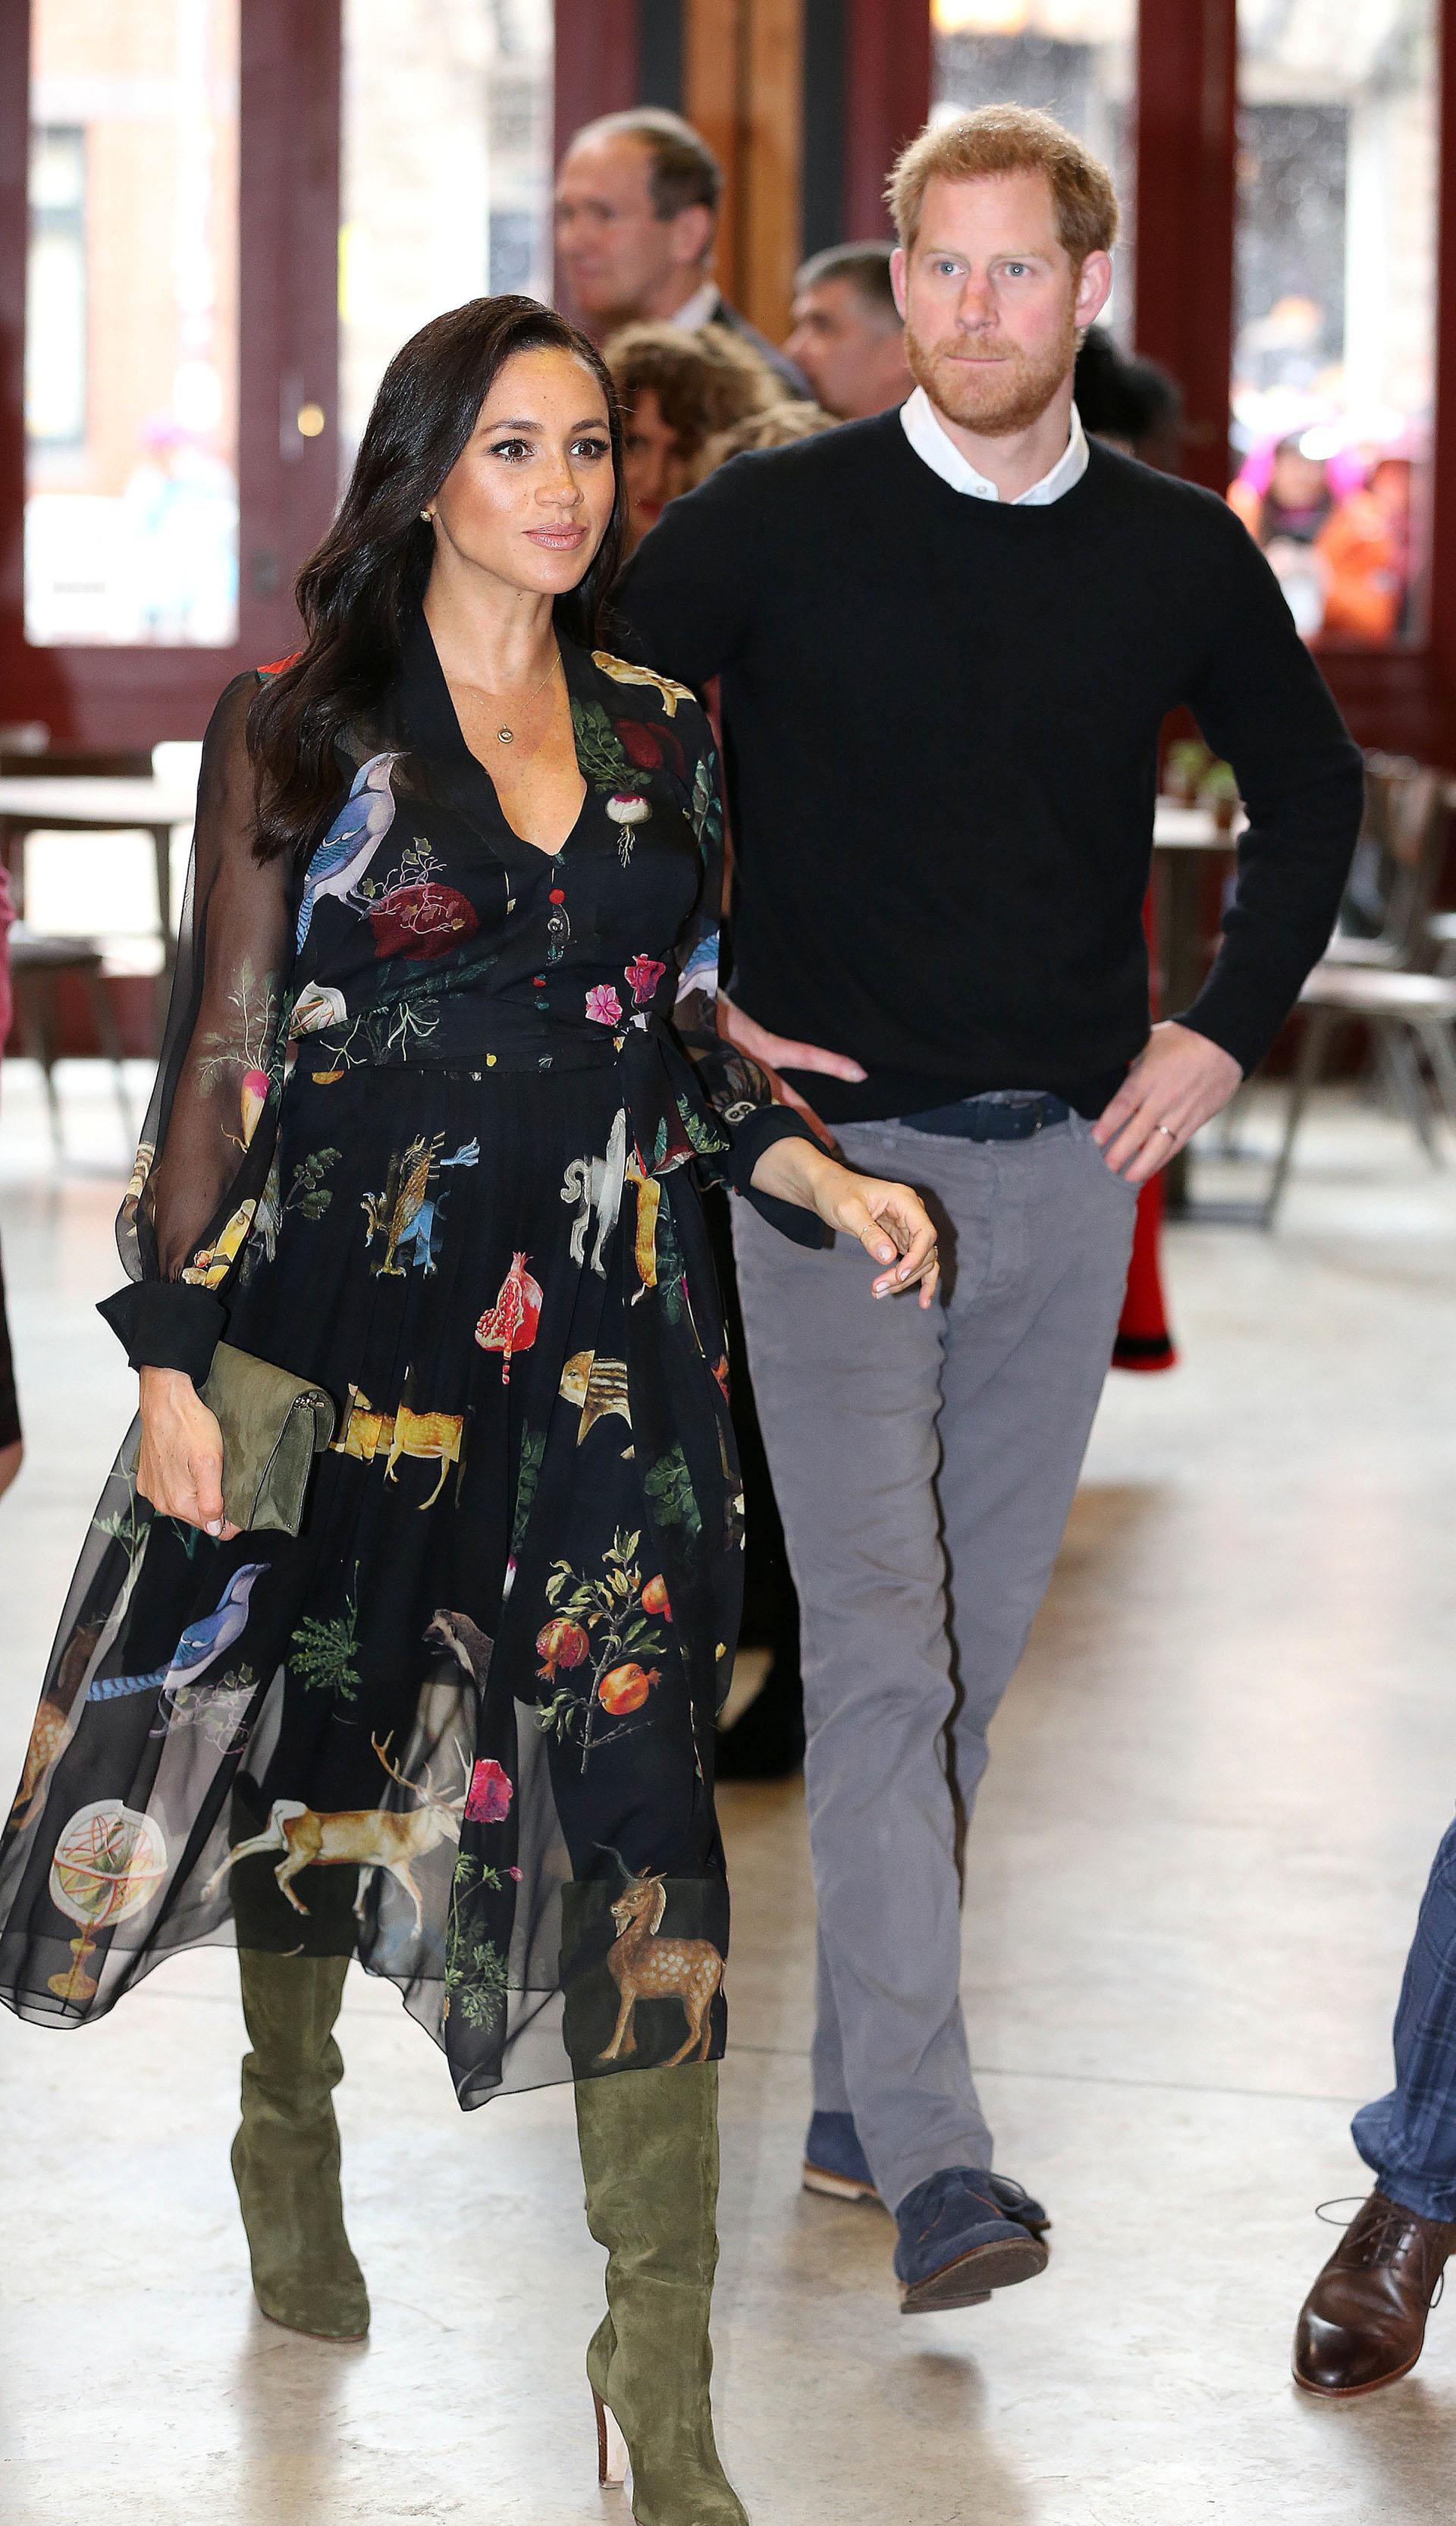 El día que visitó Bristol con el Príncipe Harry, la duquesa optó por combinar un vestido estampado de Oscar de la Renta con un sobre y botas verde oliva de Sarah Flint (REUTERS)